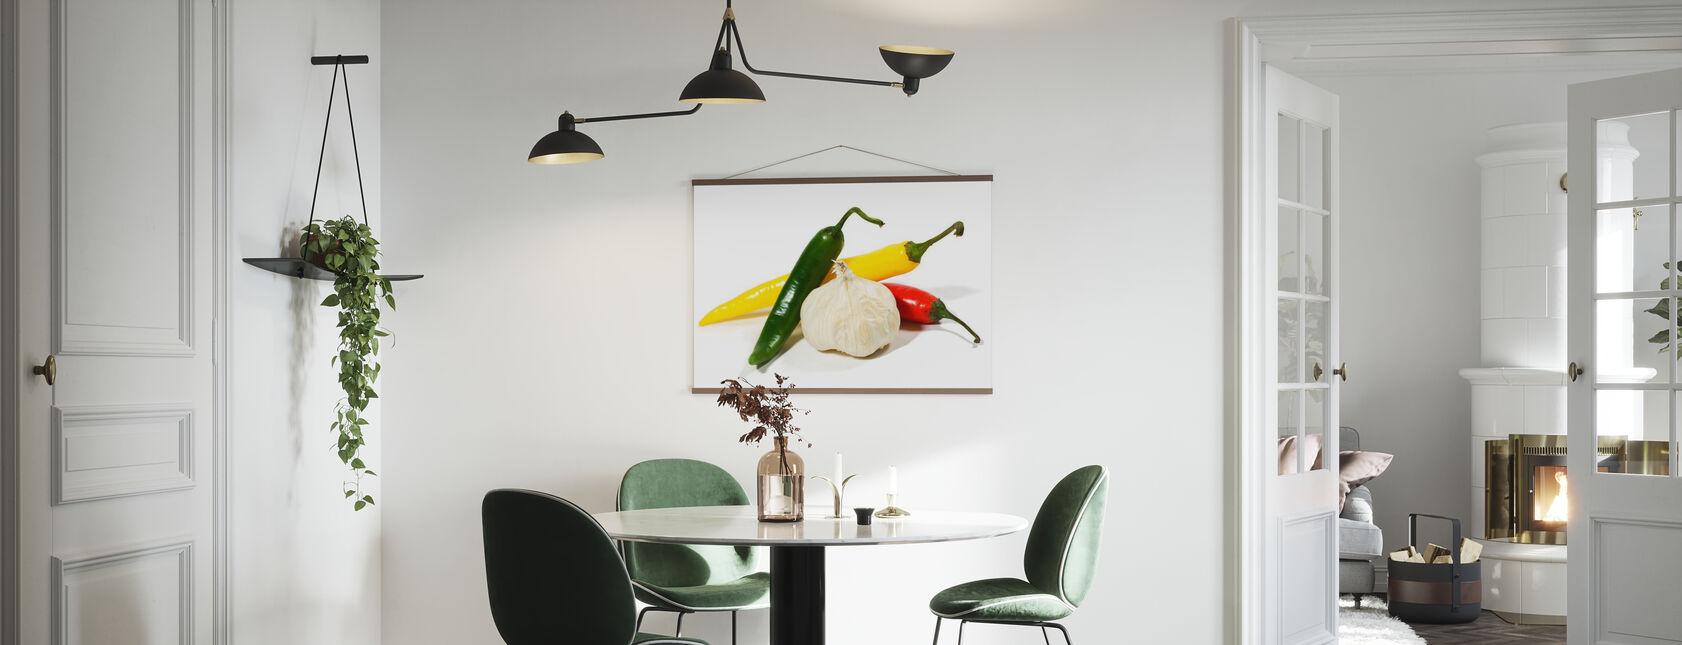 Jalapeño und Knoblauch - Poster - Küchen